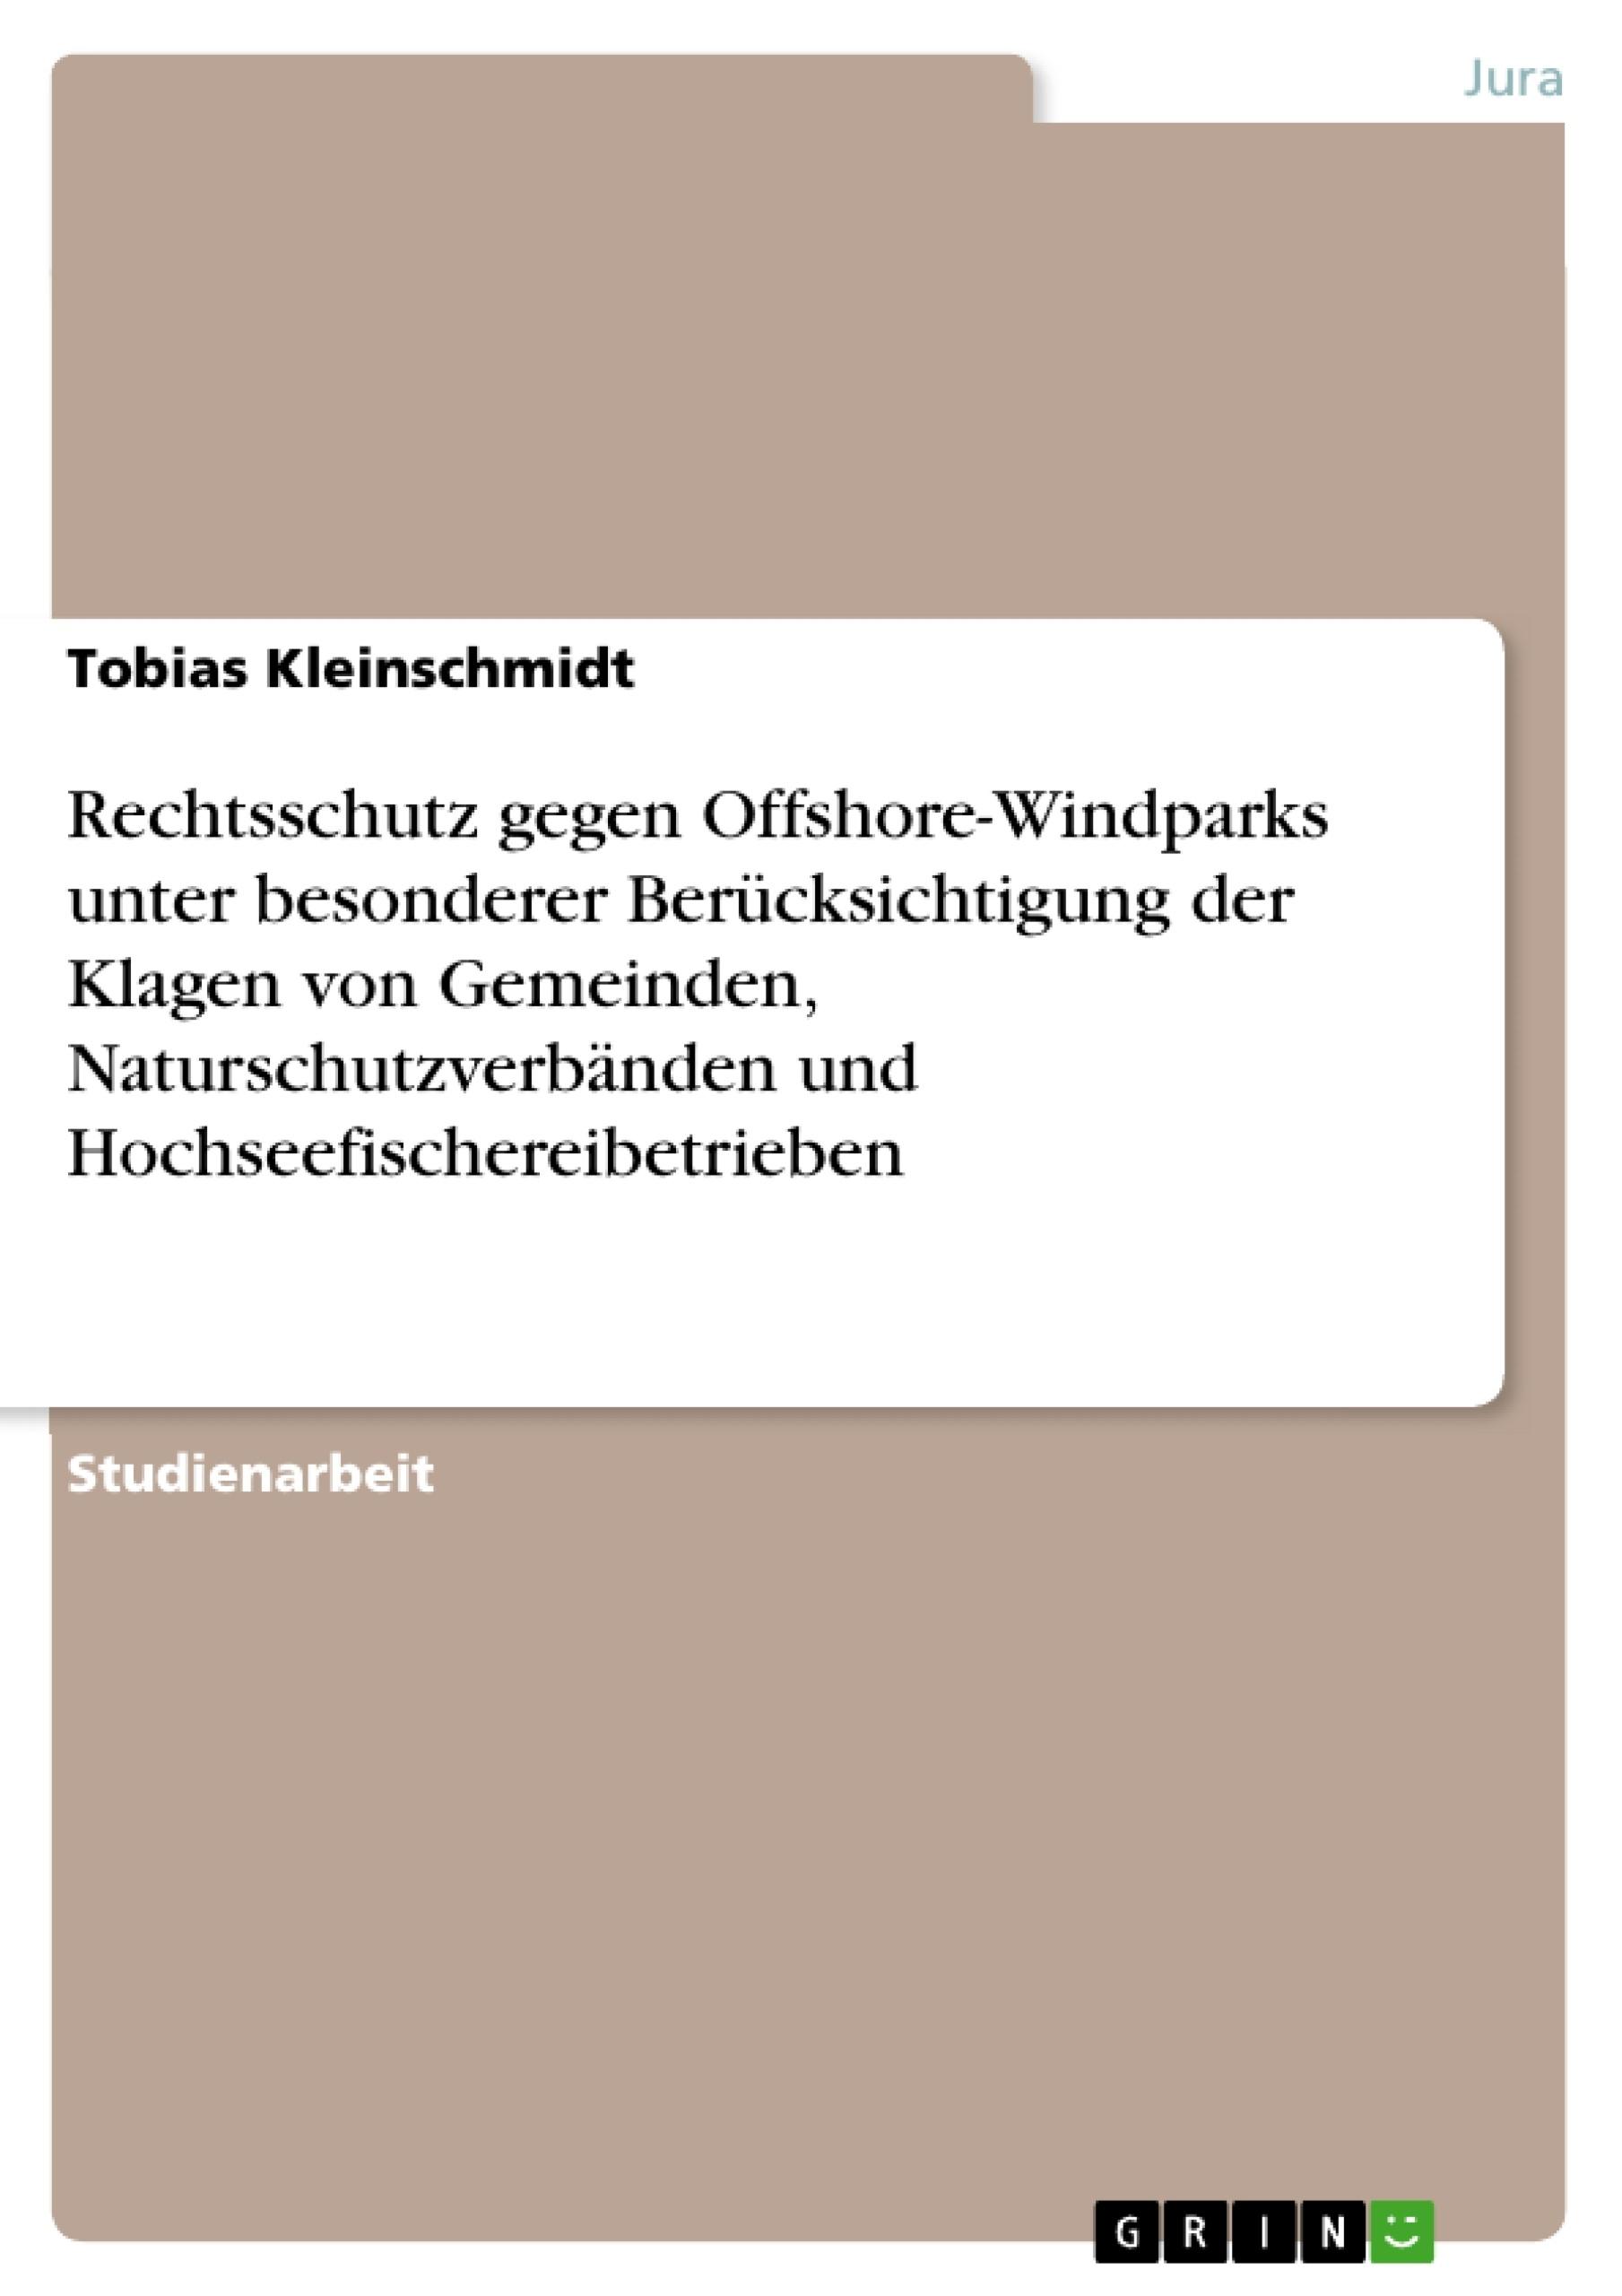 Titel: Rechtsschutz gegen Offshore-Windparks unter besonderer Berücksichtigung der Klagen von Gemeinden, Naturschutzverbänden und Hochseefischereibetrieben